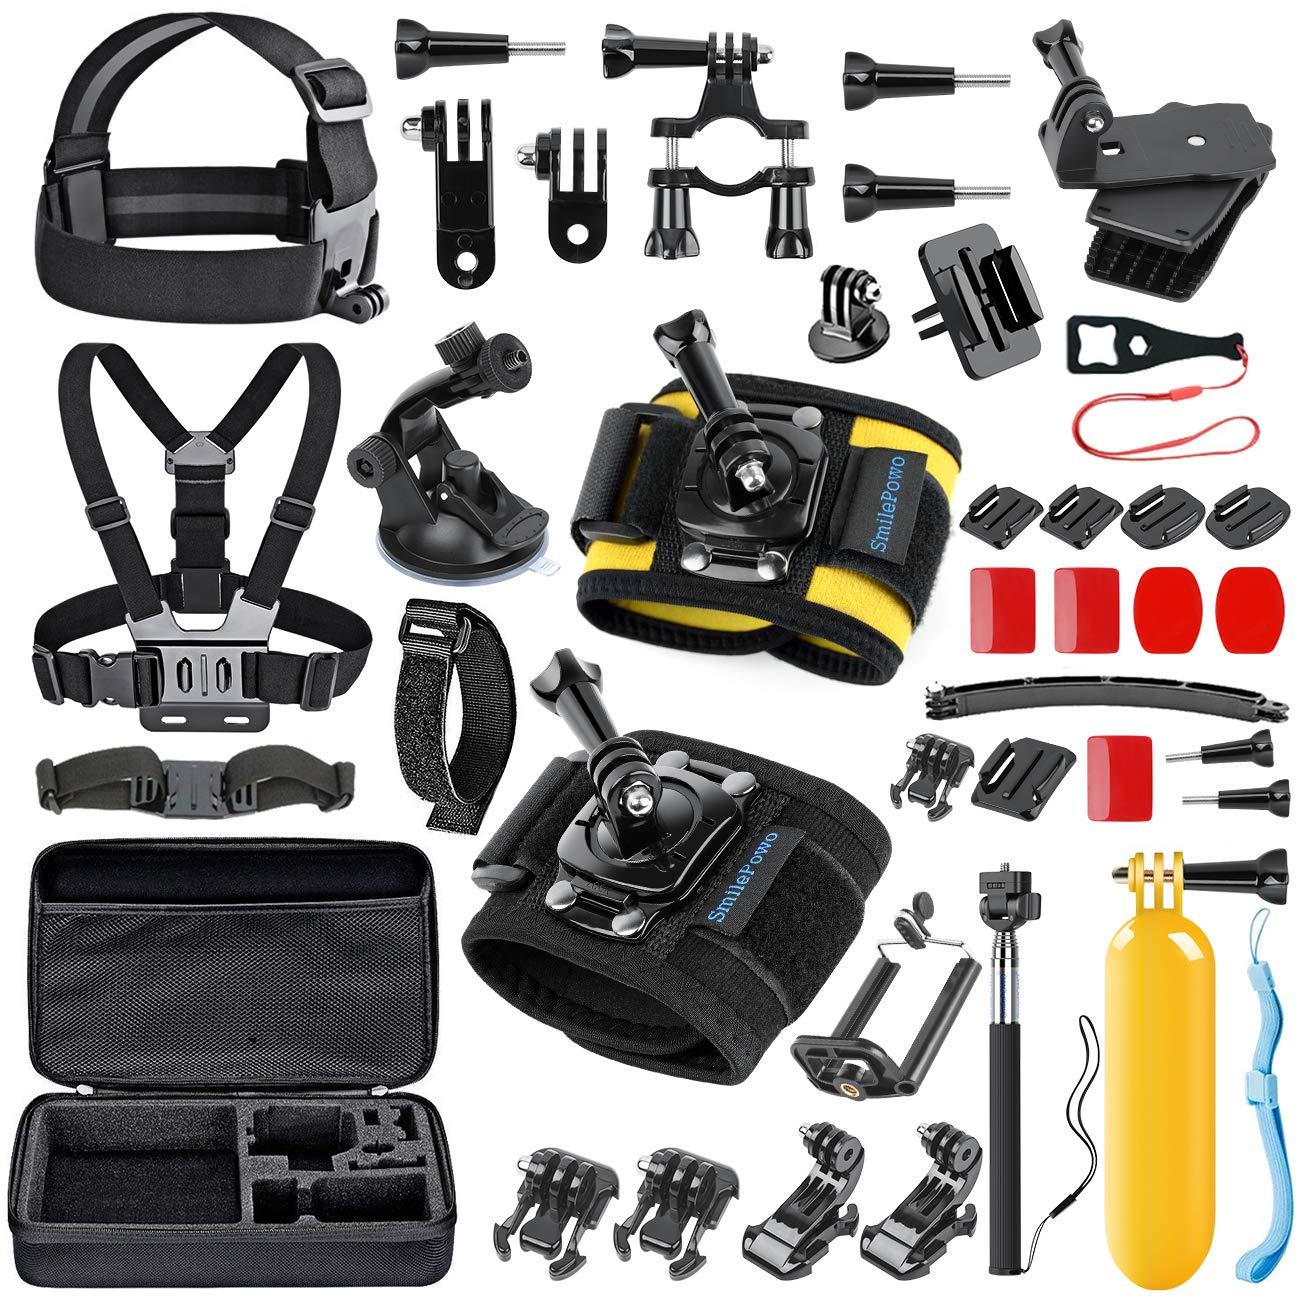 smilepowoカメラアクセサリーfor GoPro hero5ブラック、hero5、セッション、hero6ブラック、4,3,3 + 2 , 1 , AKASO、SJCAM、スポーツアクションカメラ、カメラバンドル(48 items)   B01MQZRAQJ